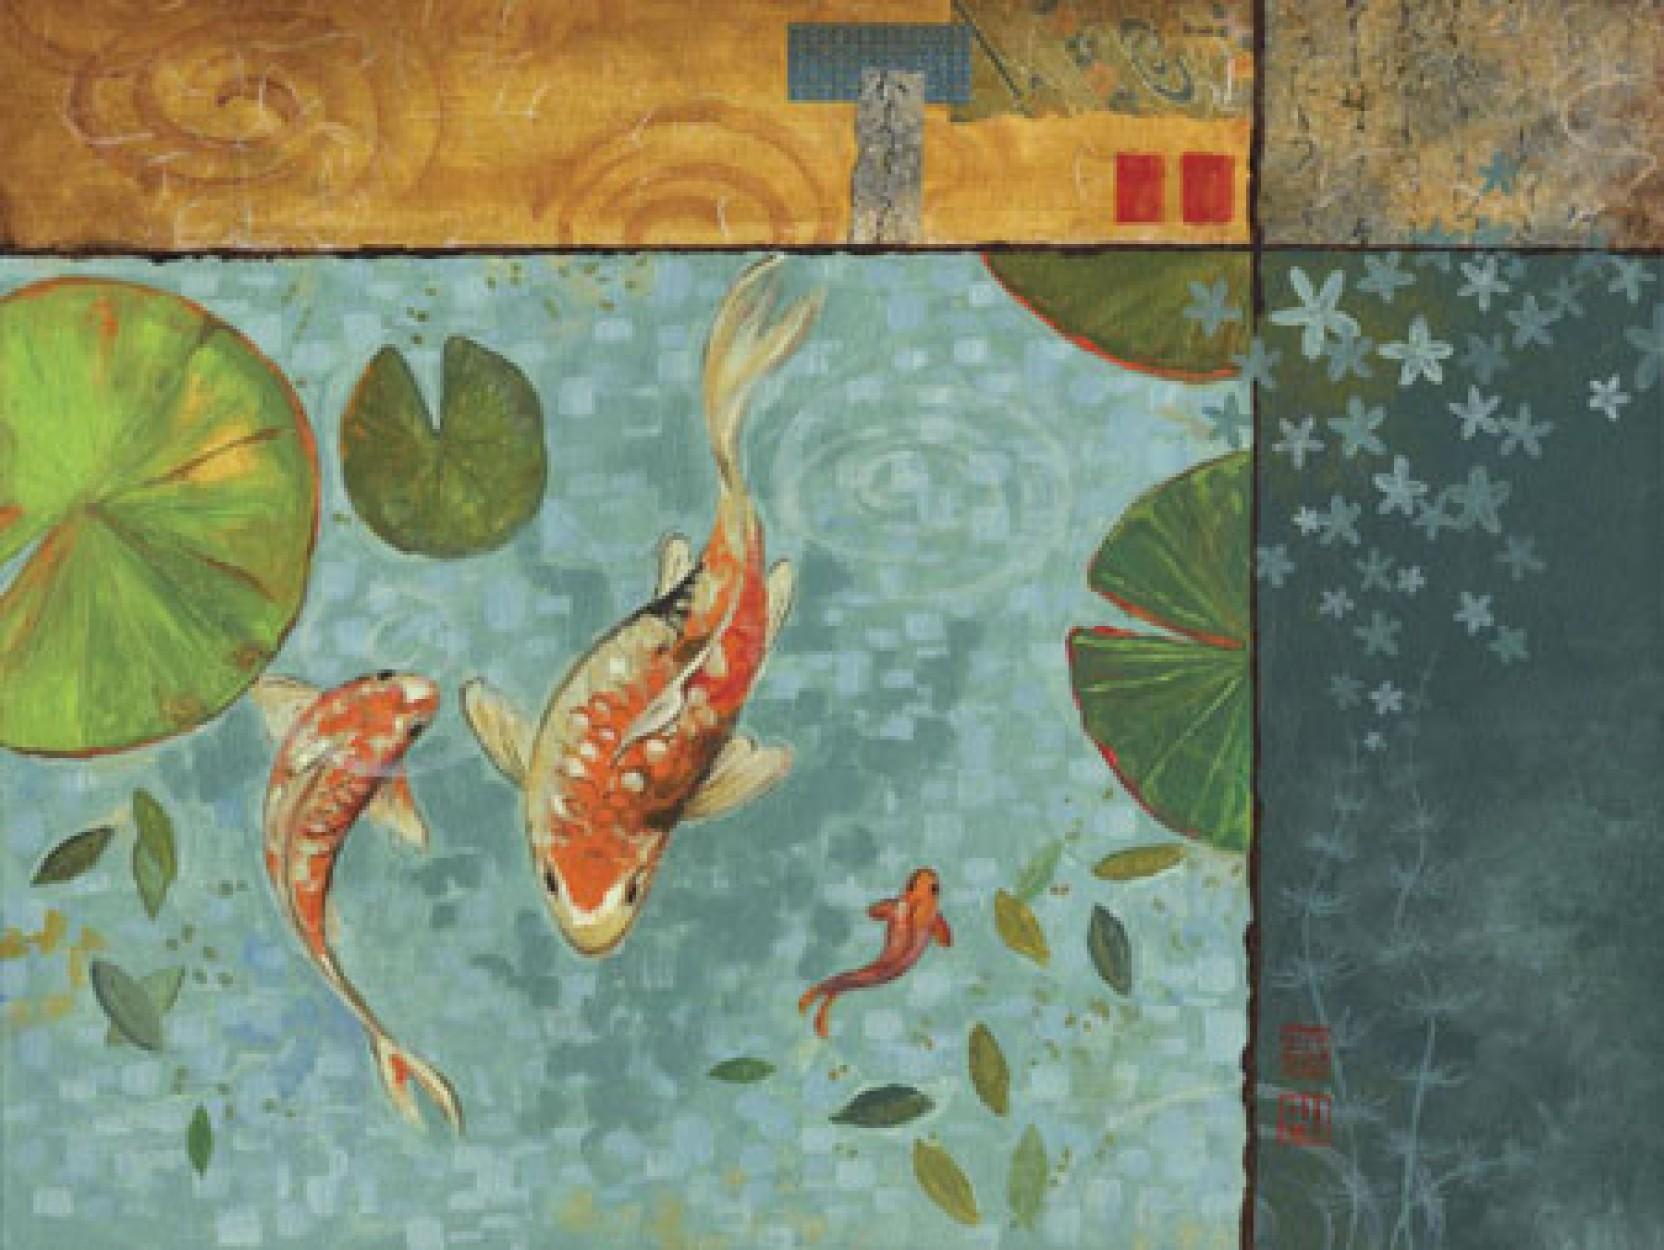 Koi pond serenity ii fine art print studio voltaire for Koi pond depth